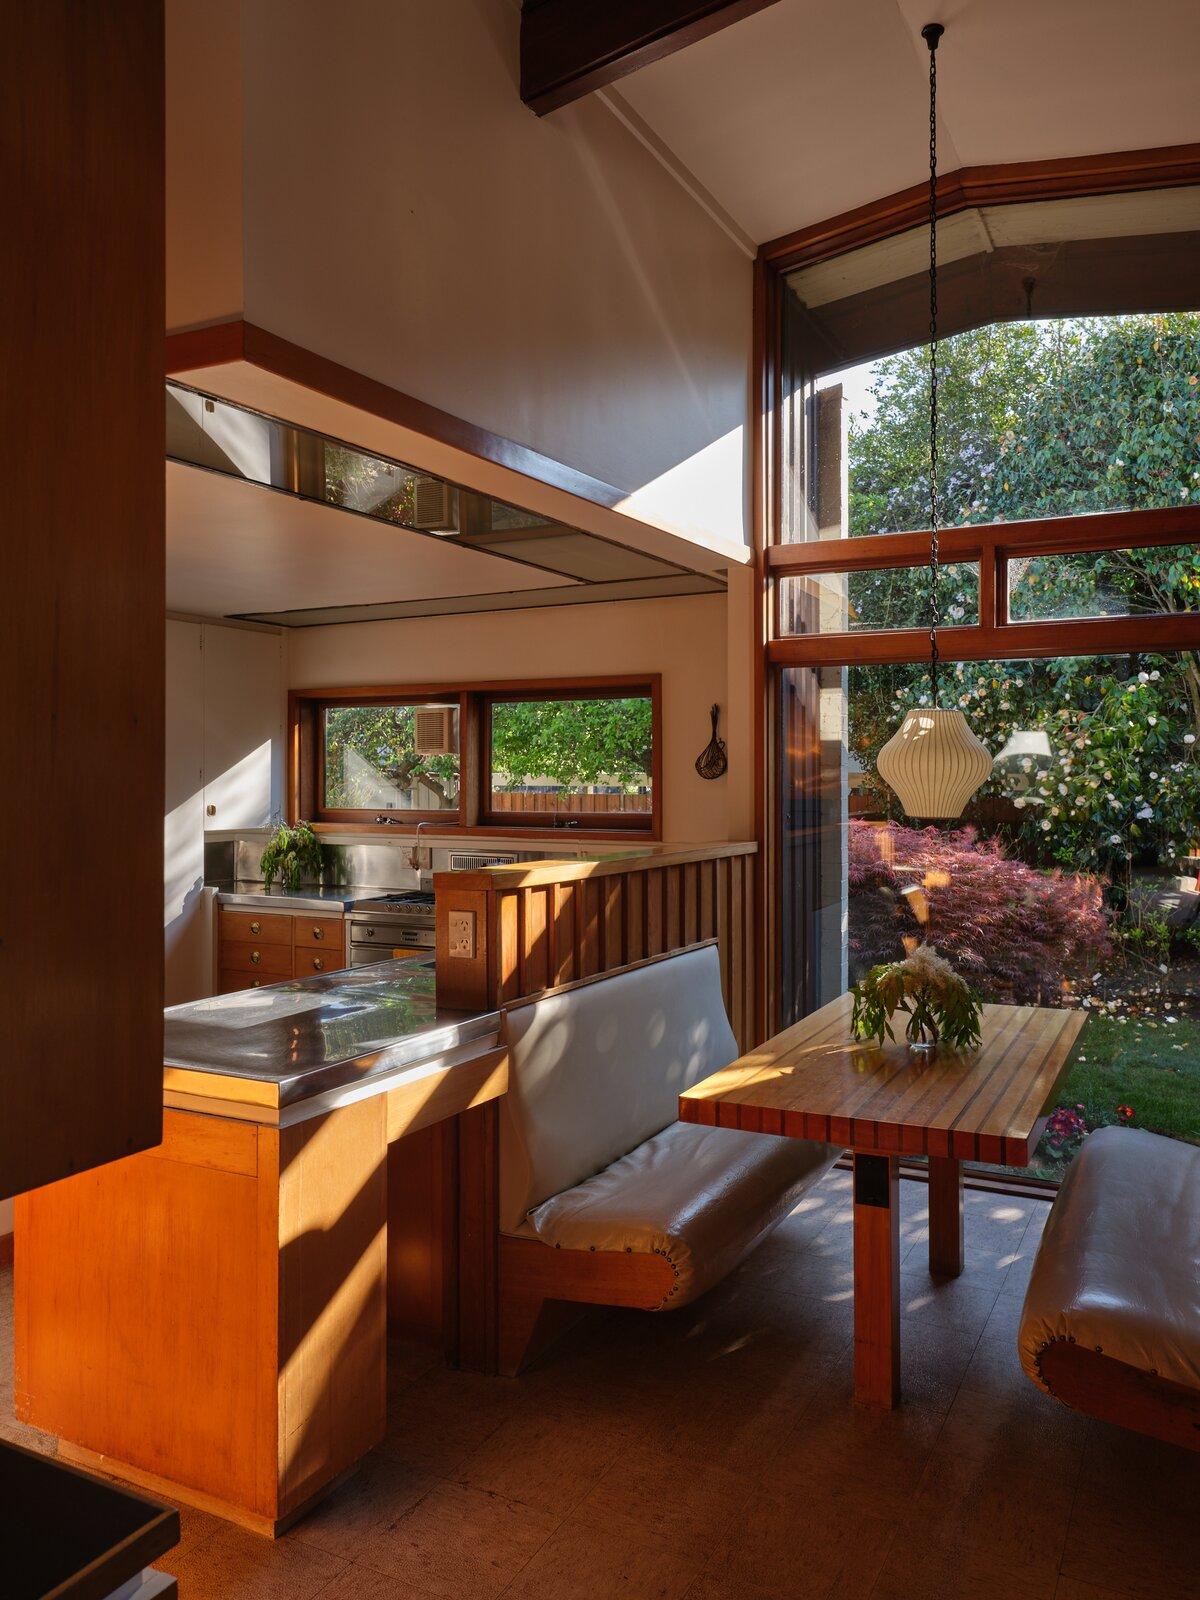 The Fletcher House kitchen